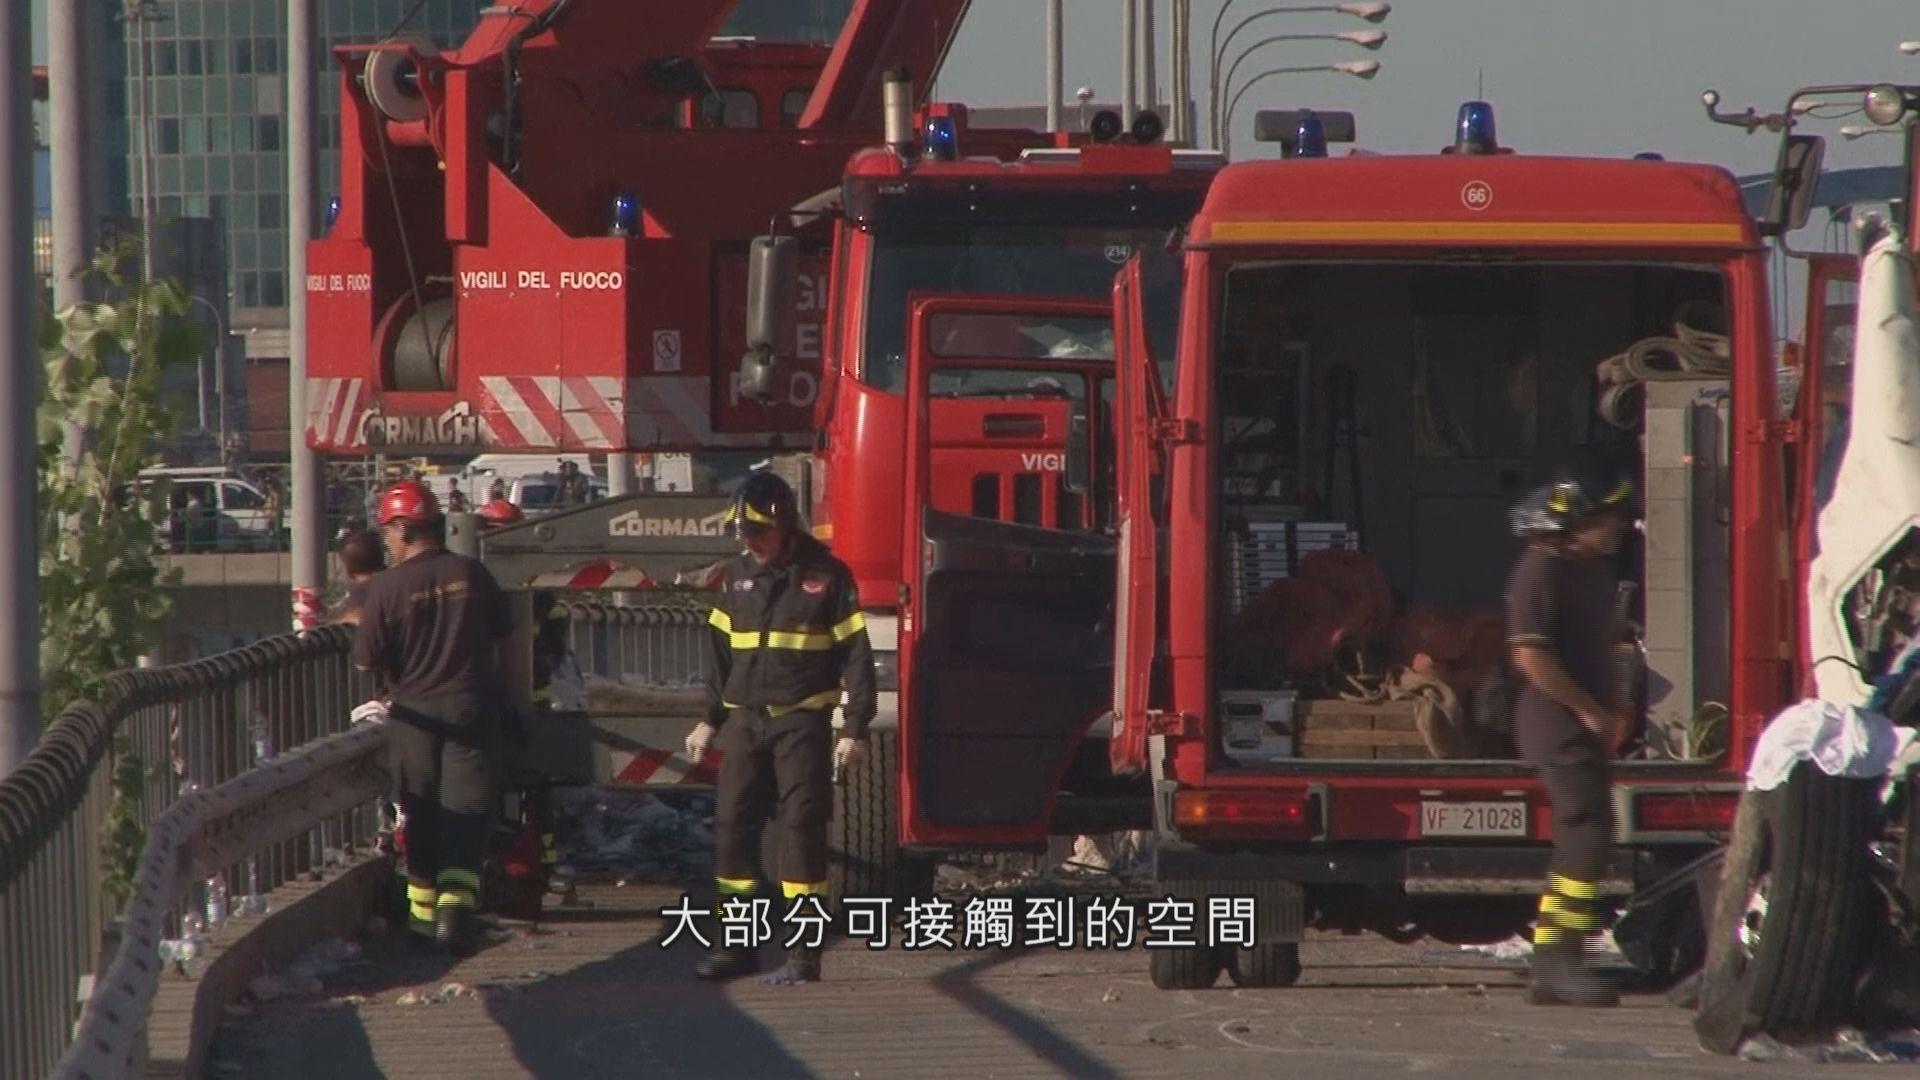 意大利大橋倒塌 消防員將擴大搜索空間